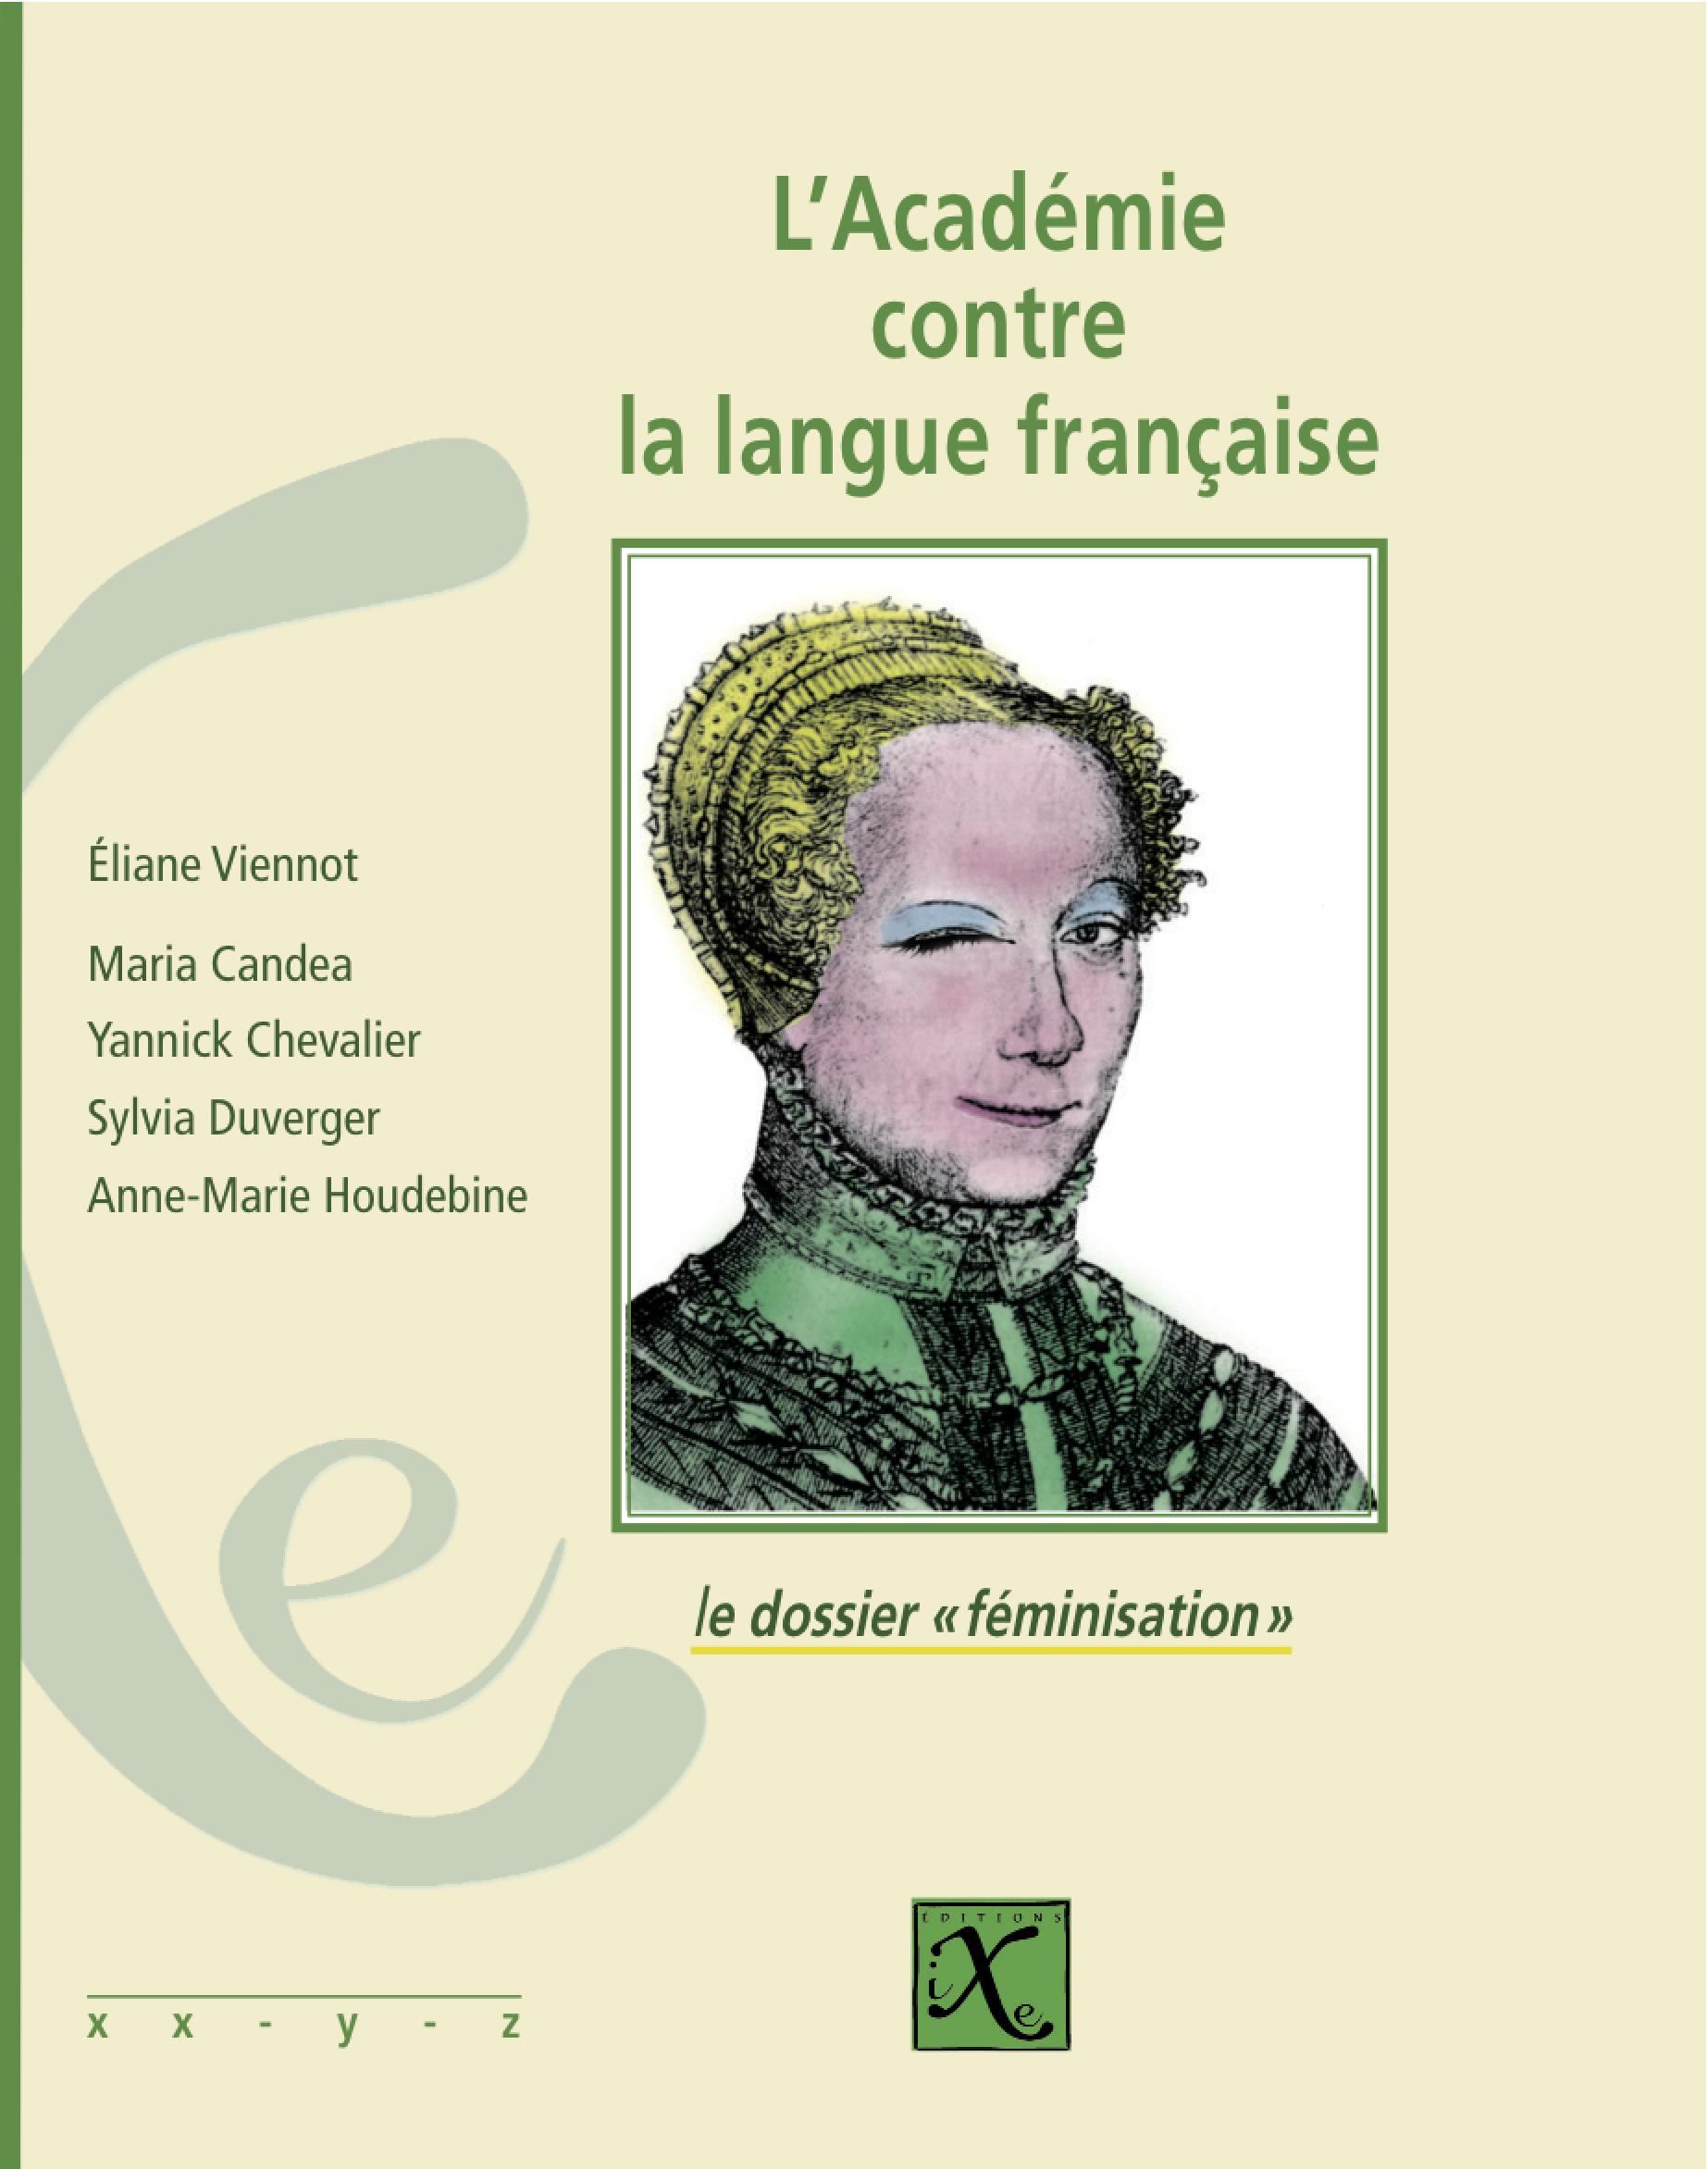 """Résultat de recherche d'images pour """"l'académie contre la langue française"""""""